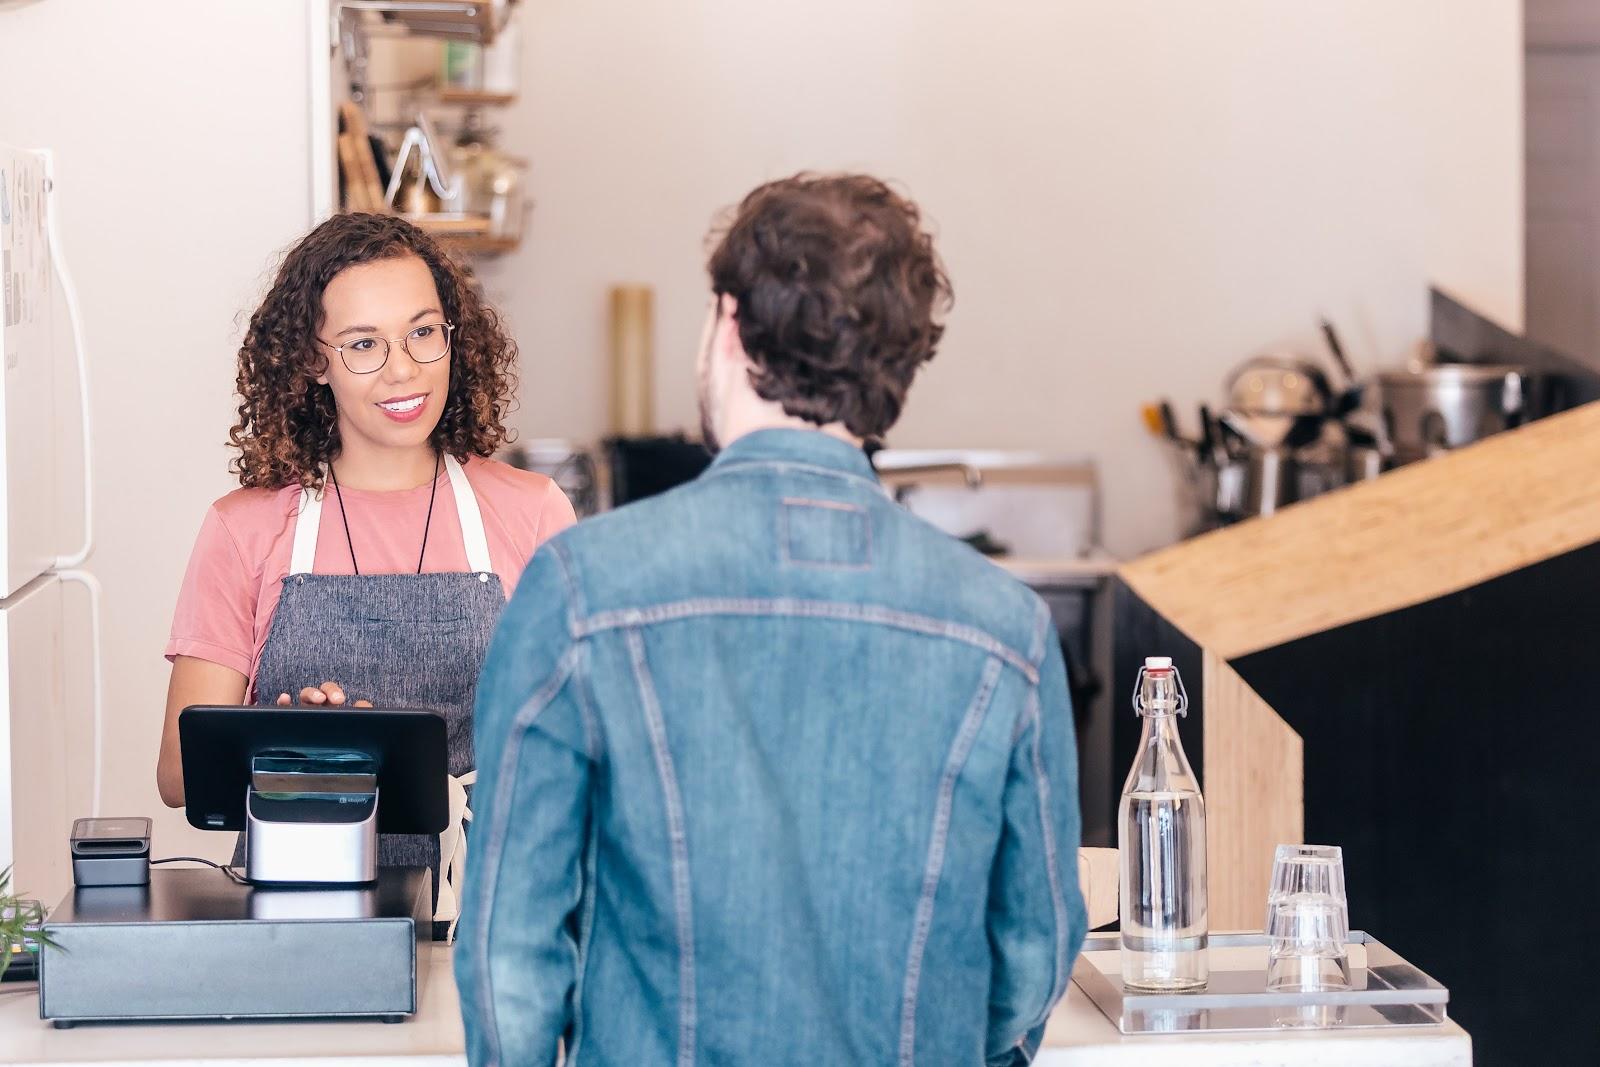 Uma mulher trabalhando no caixa de um estabelecimento e falando com um cliente.